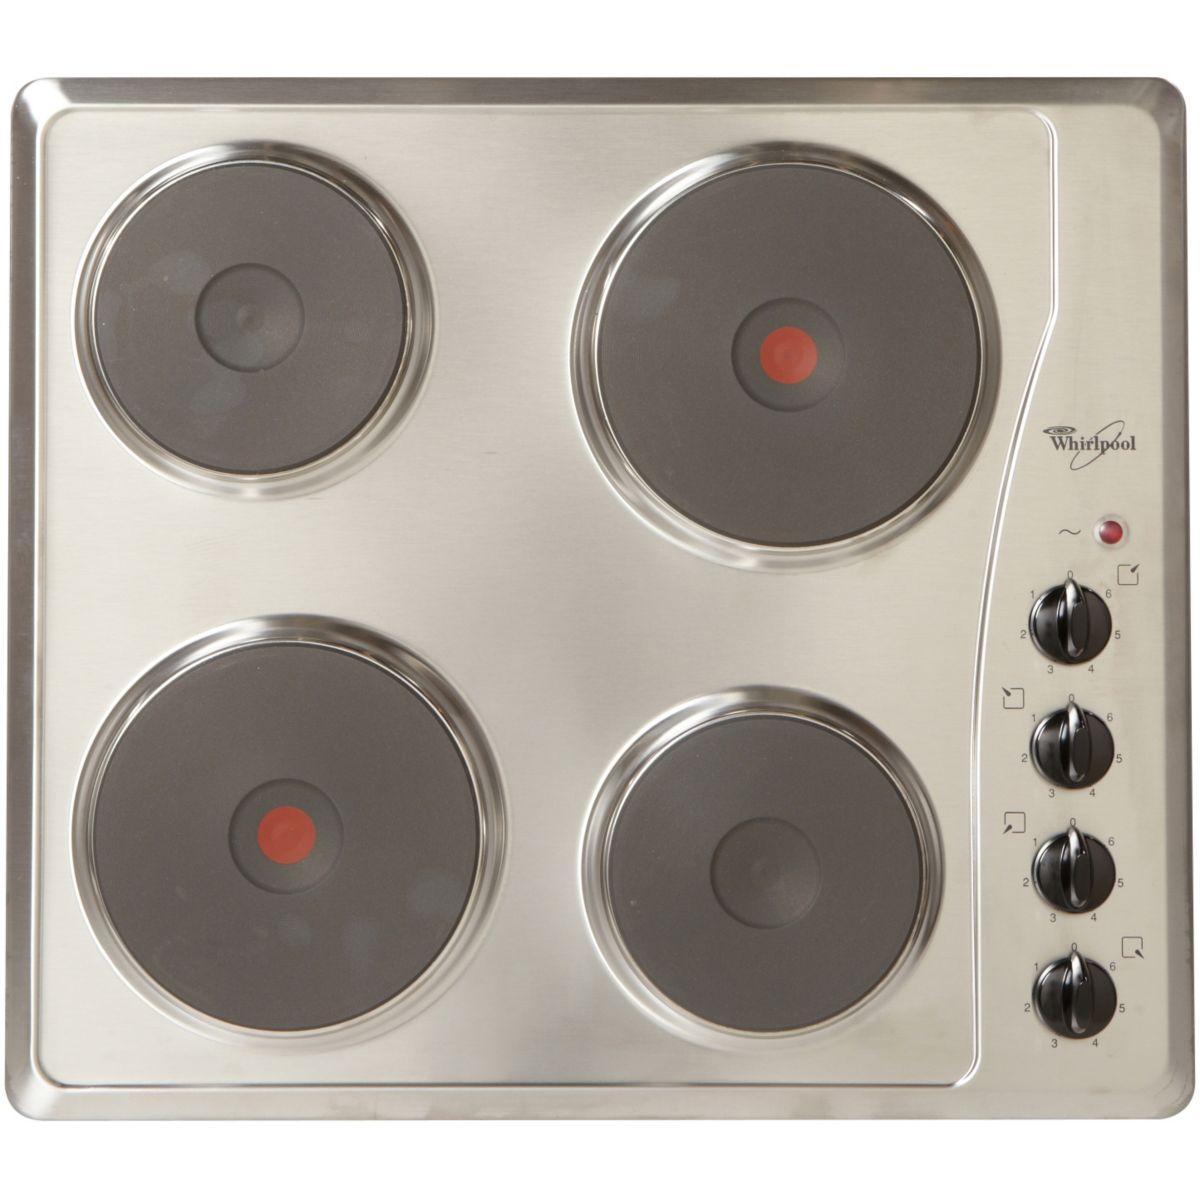 Cuisson electrique achat vente de cuisson pas cher - Table de cuisson whirlpool ...